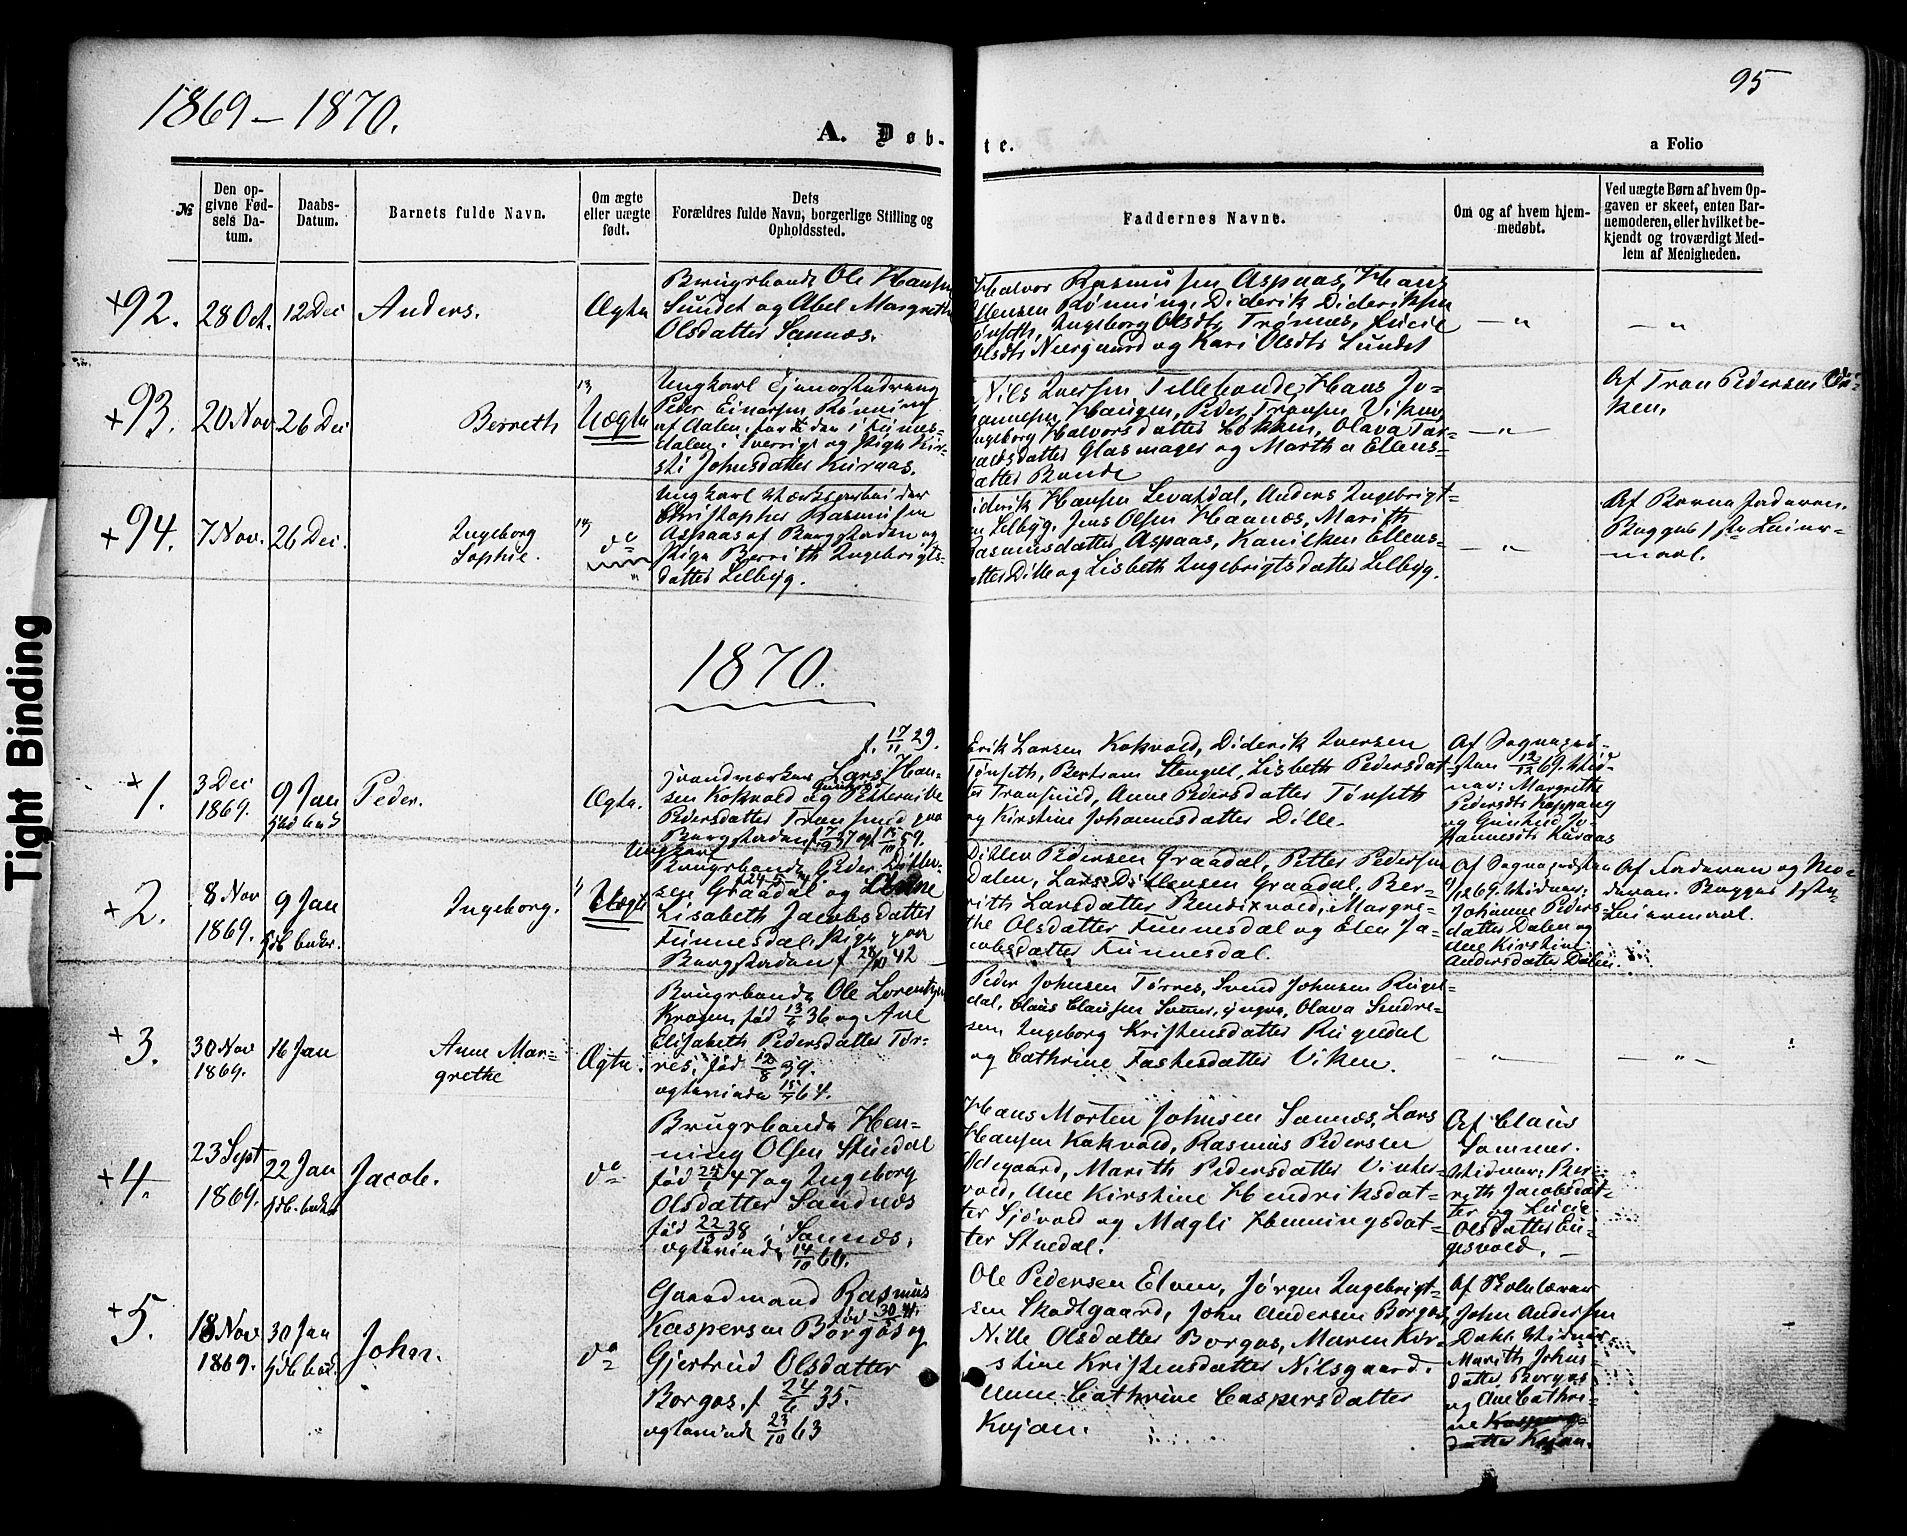 SAT, Ministerialprotokoller, klokkerbøker og fødselsregistre - Sør-Trøndelag, 681/L0932: Ministerialbok nr. 681A10, 1860-1878, s. 95